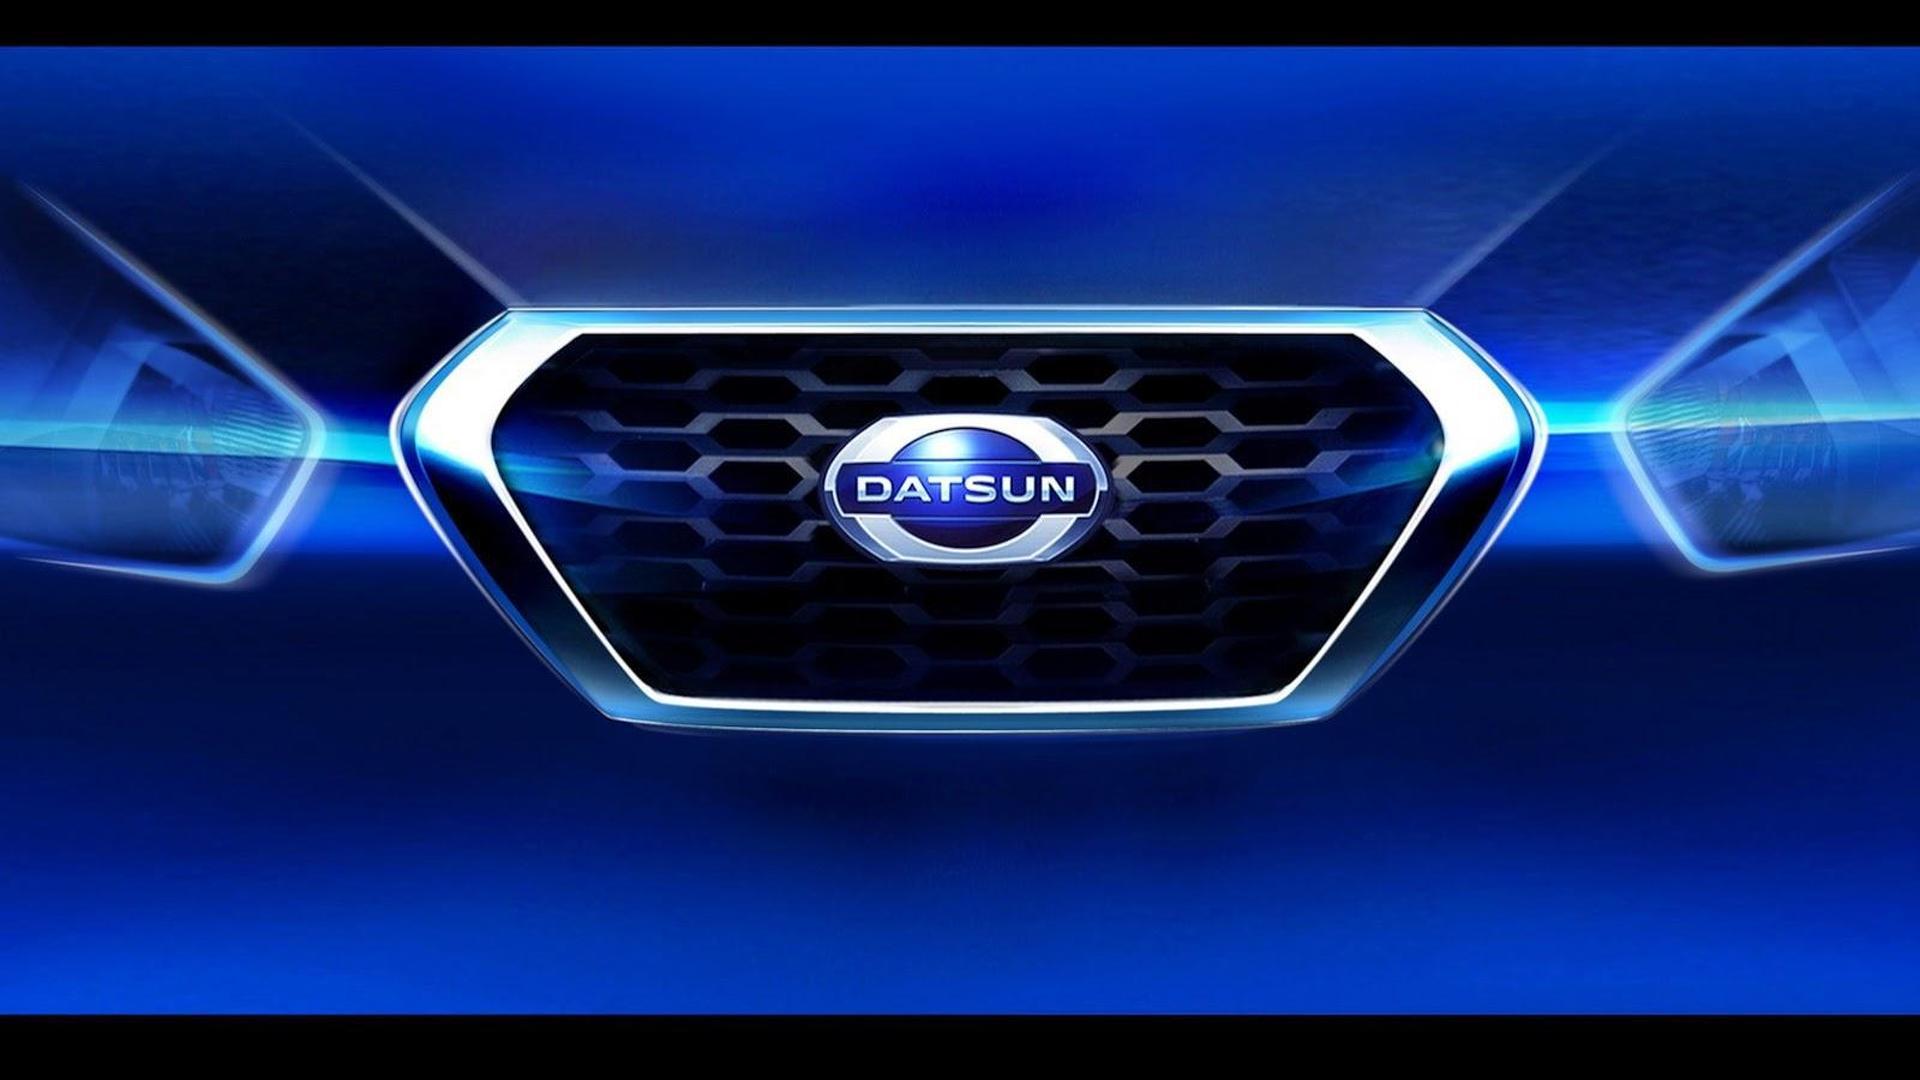 Datsun low-cost five-door hatchback set for July 15 launch - report